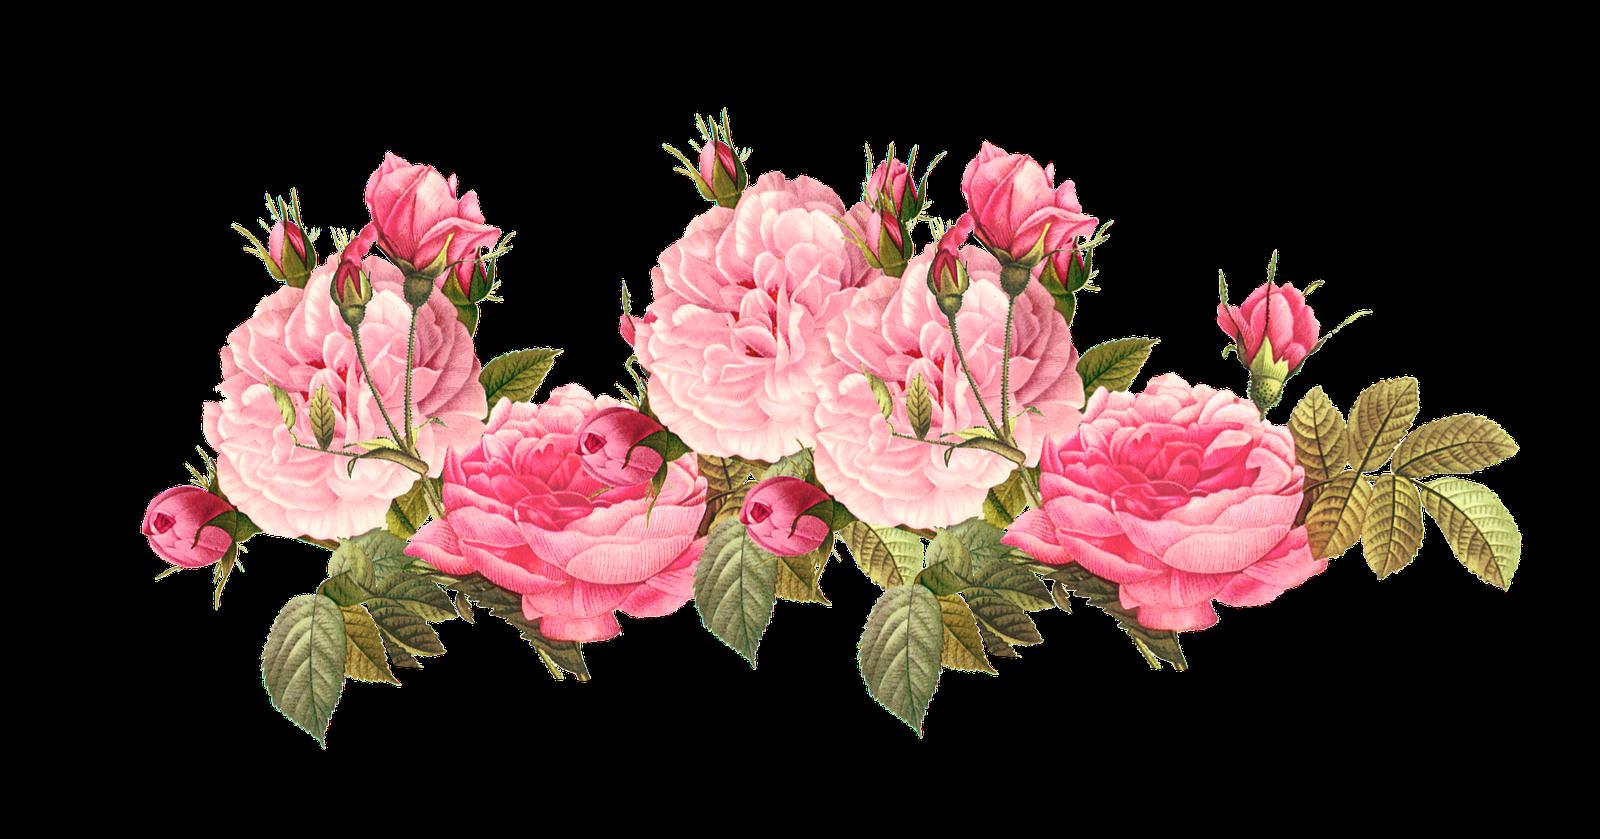 Vintage Pink Roses Tumblr 658091 Png 1600 839 Vintage Roses Pink Roses Background Flower Clipart